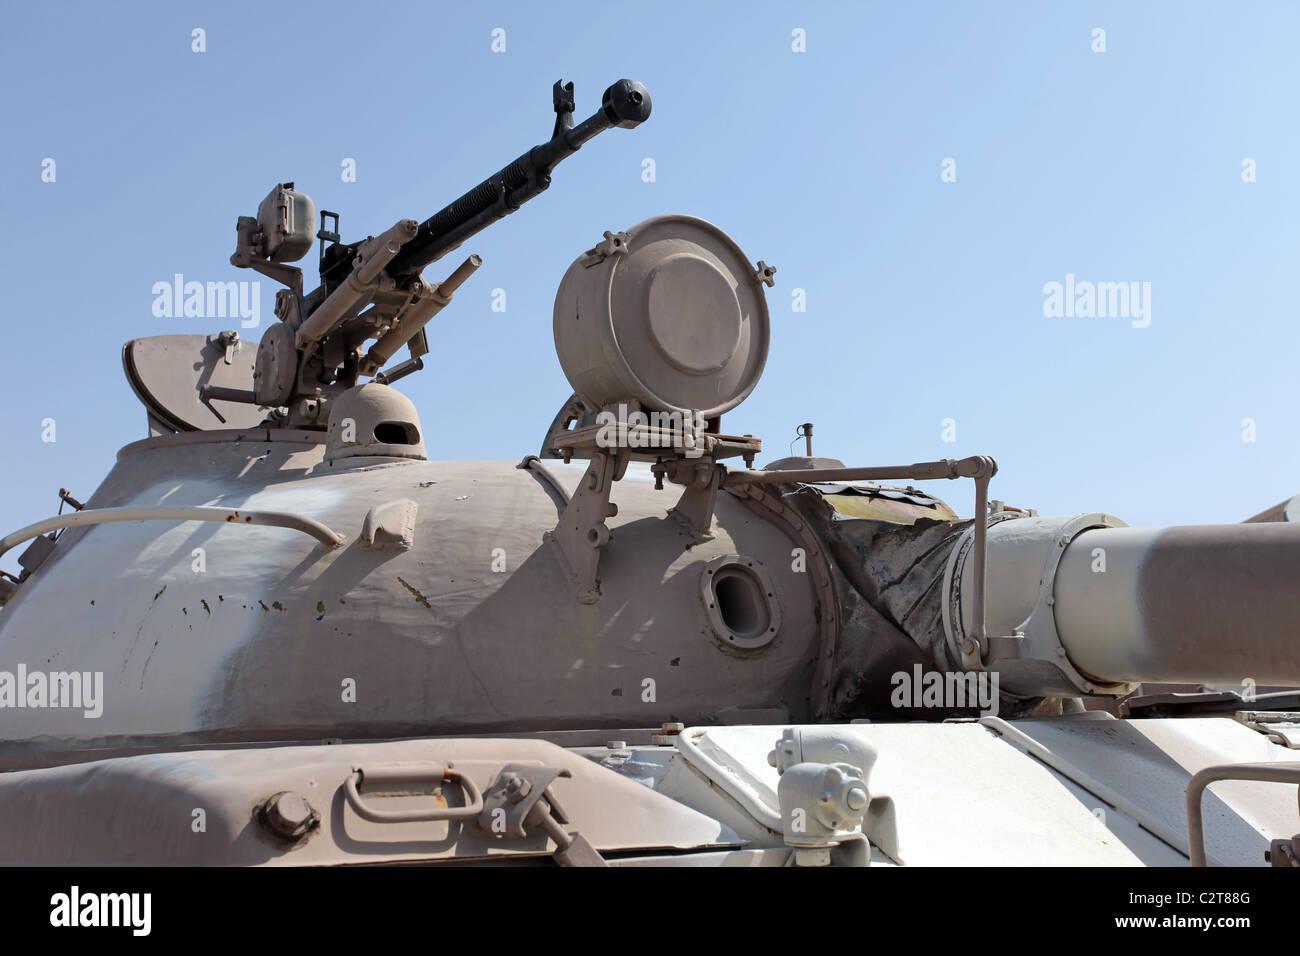 Batalla de tanques T-62 soviéticos y la torreta ametralladora. Arma avanzada implementado en todo el mundo. Capturado Foto de stock